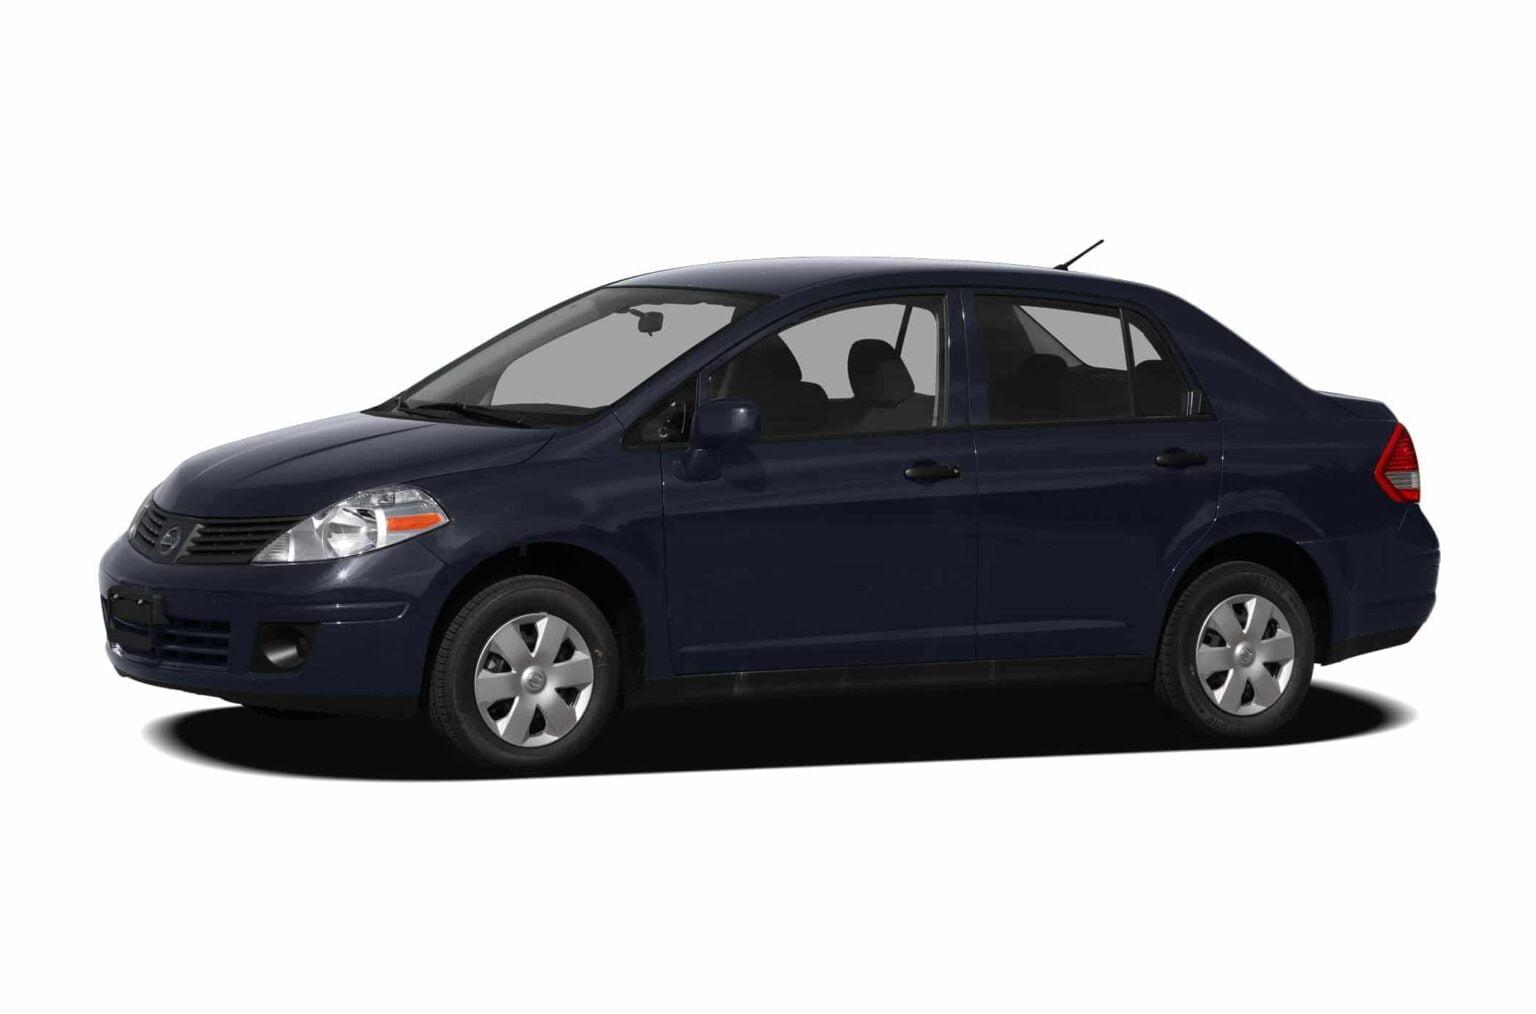 Catalogo De Partes Nissan Tiida 2010 Autopartes Y Refacciones